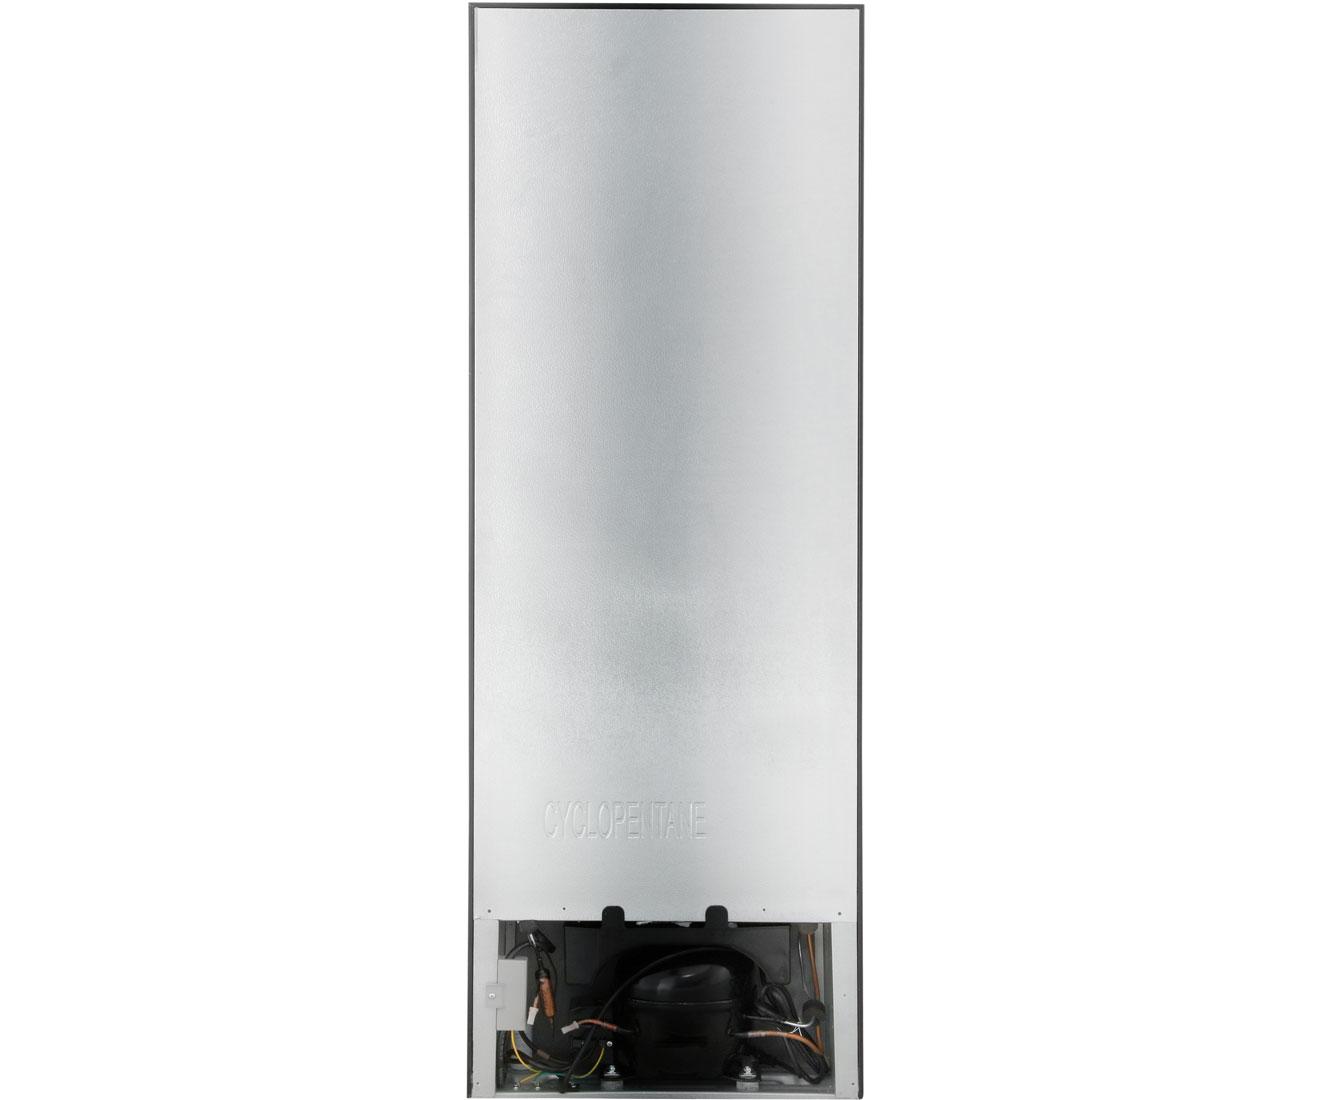 Bomann Kühlschrank Edeka : Bomann kg 322 edelstahl kühlschrank modelle